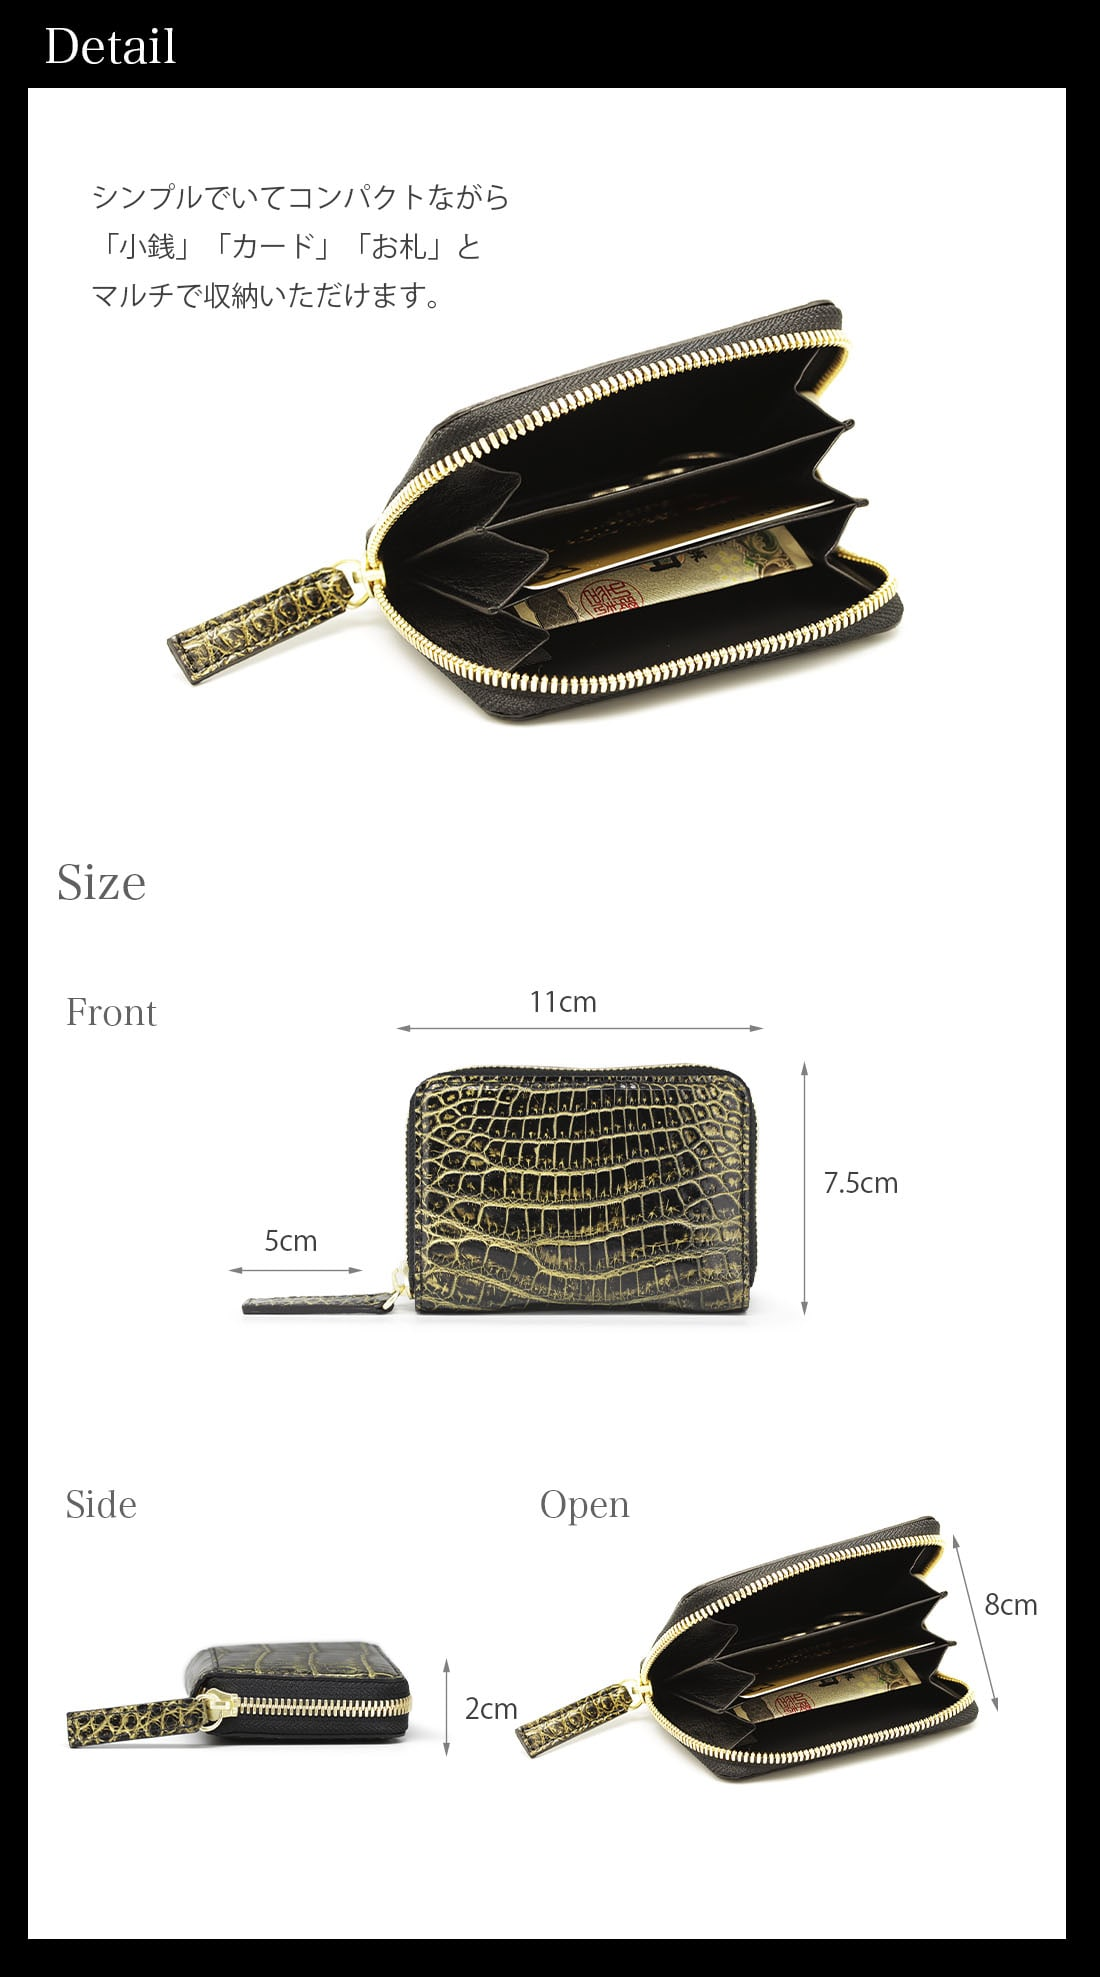 クロコダイル 財布 メンズ ミニ財布 コスモゴールド ナイルクロコダイル プレゼント ブランド